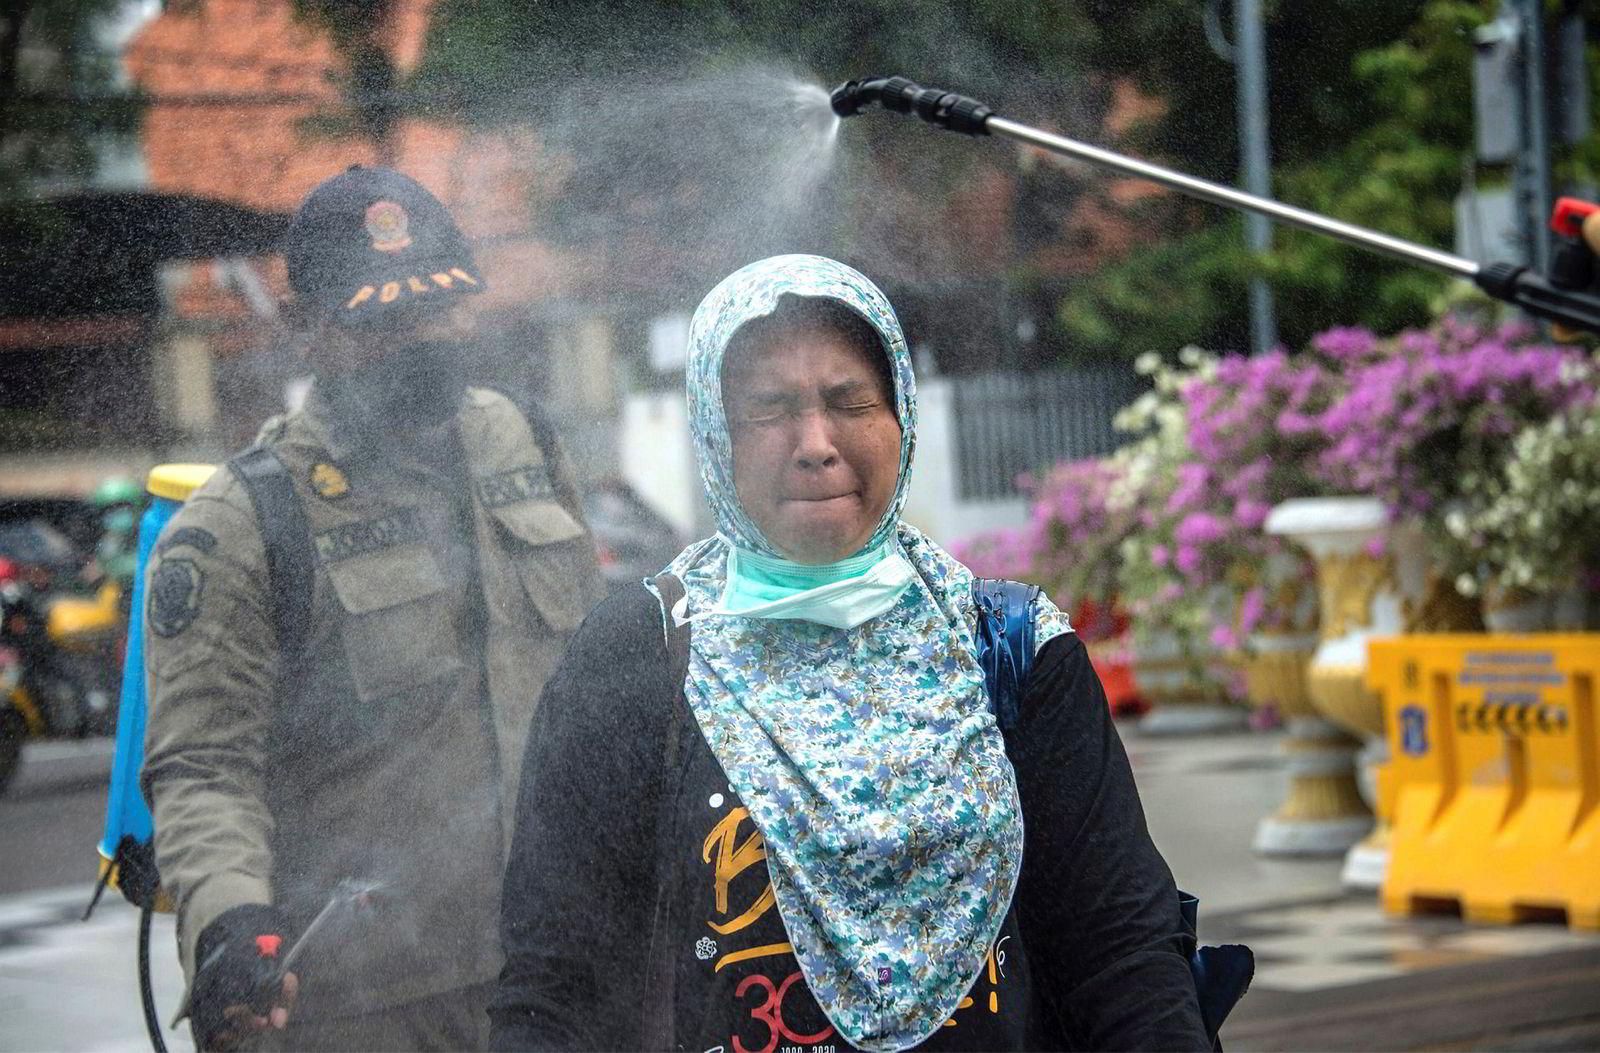 En kvinne sprayes med desinfiserende middel før hun slipper inn på et offentlig kontor i Surabaya i Indonesia. Sprayingen er et føre var-tiltak mot koronaviruset.